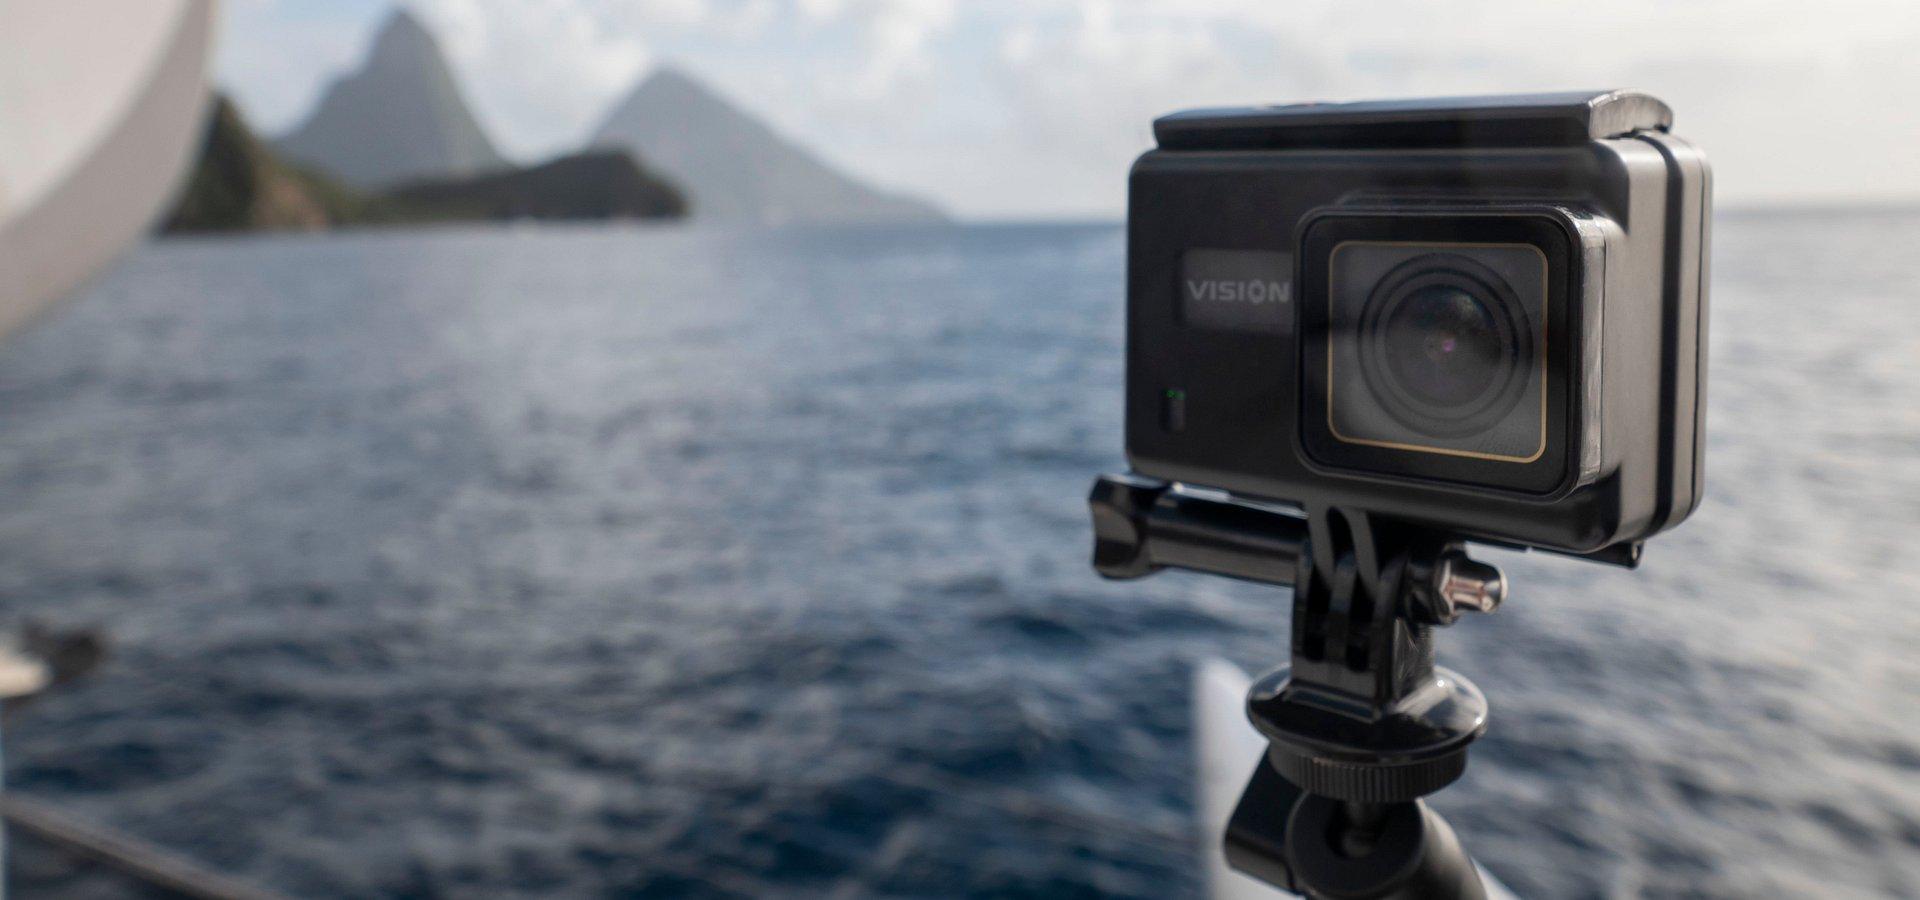 Kruger&Matz wprowadza zaawansowaną kamerę sportową Vision P500